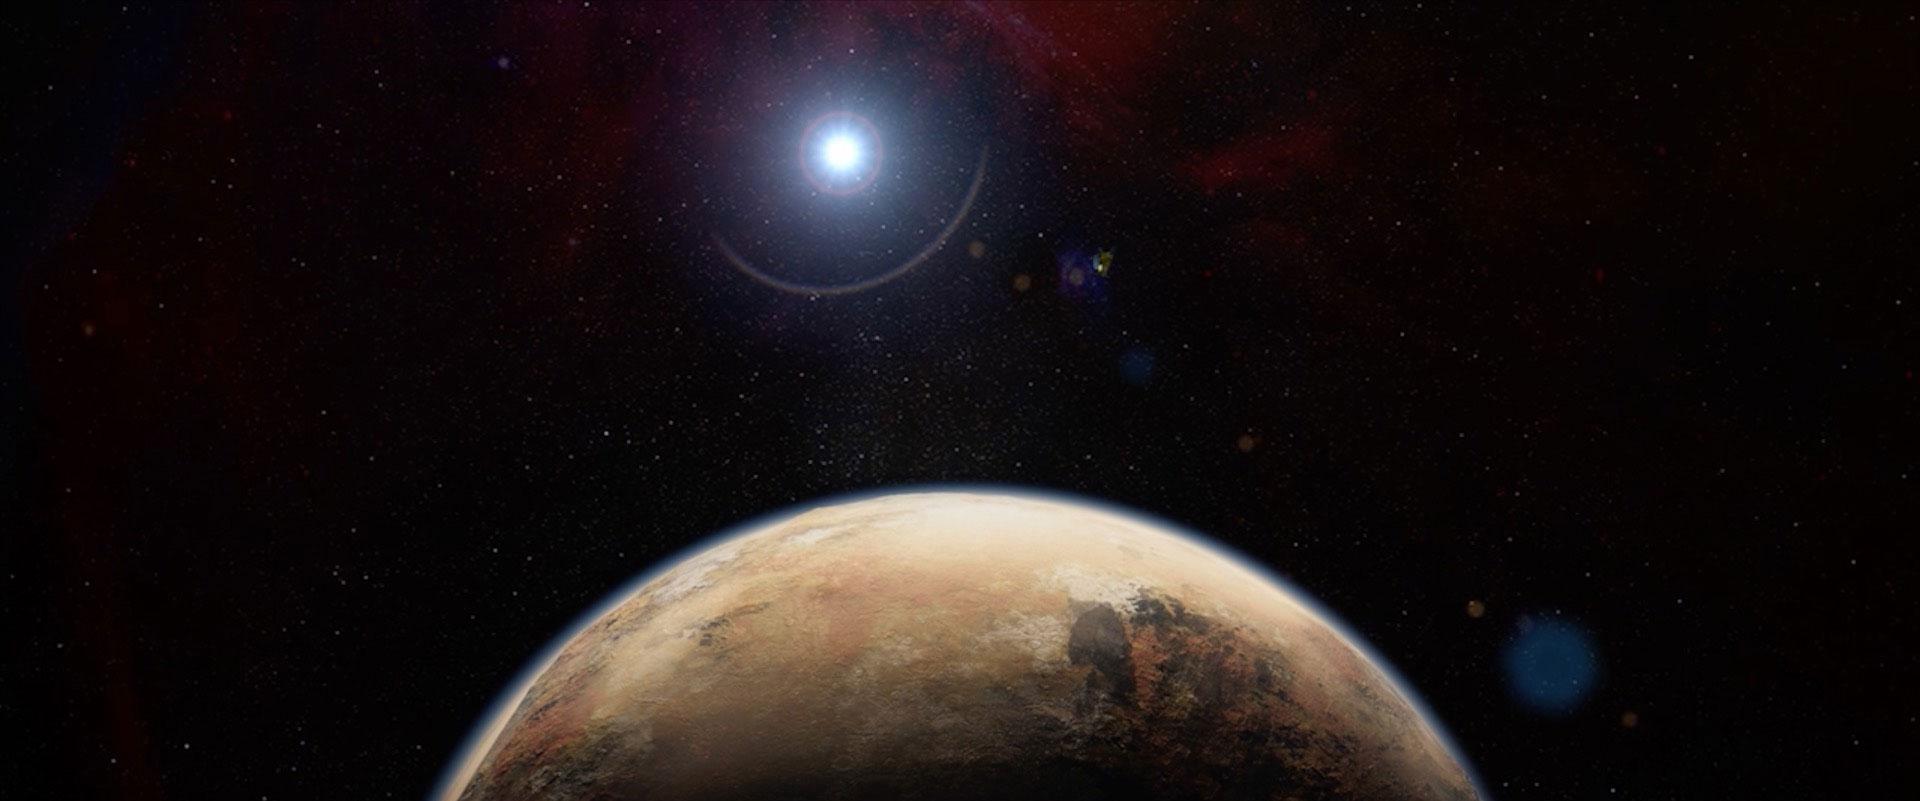 VIDEO: Pogledajte ledeno jezero na planetu Pluton